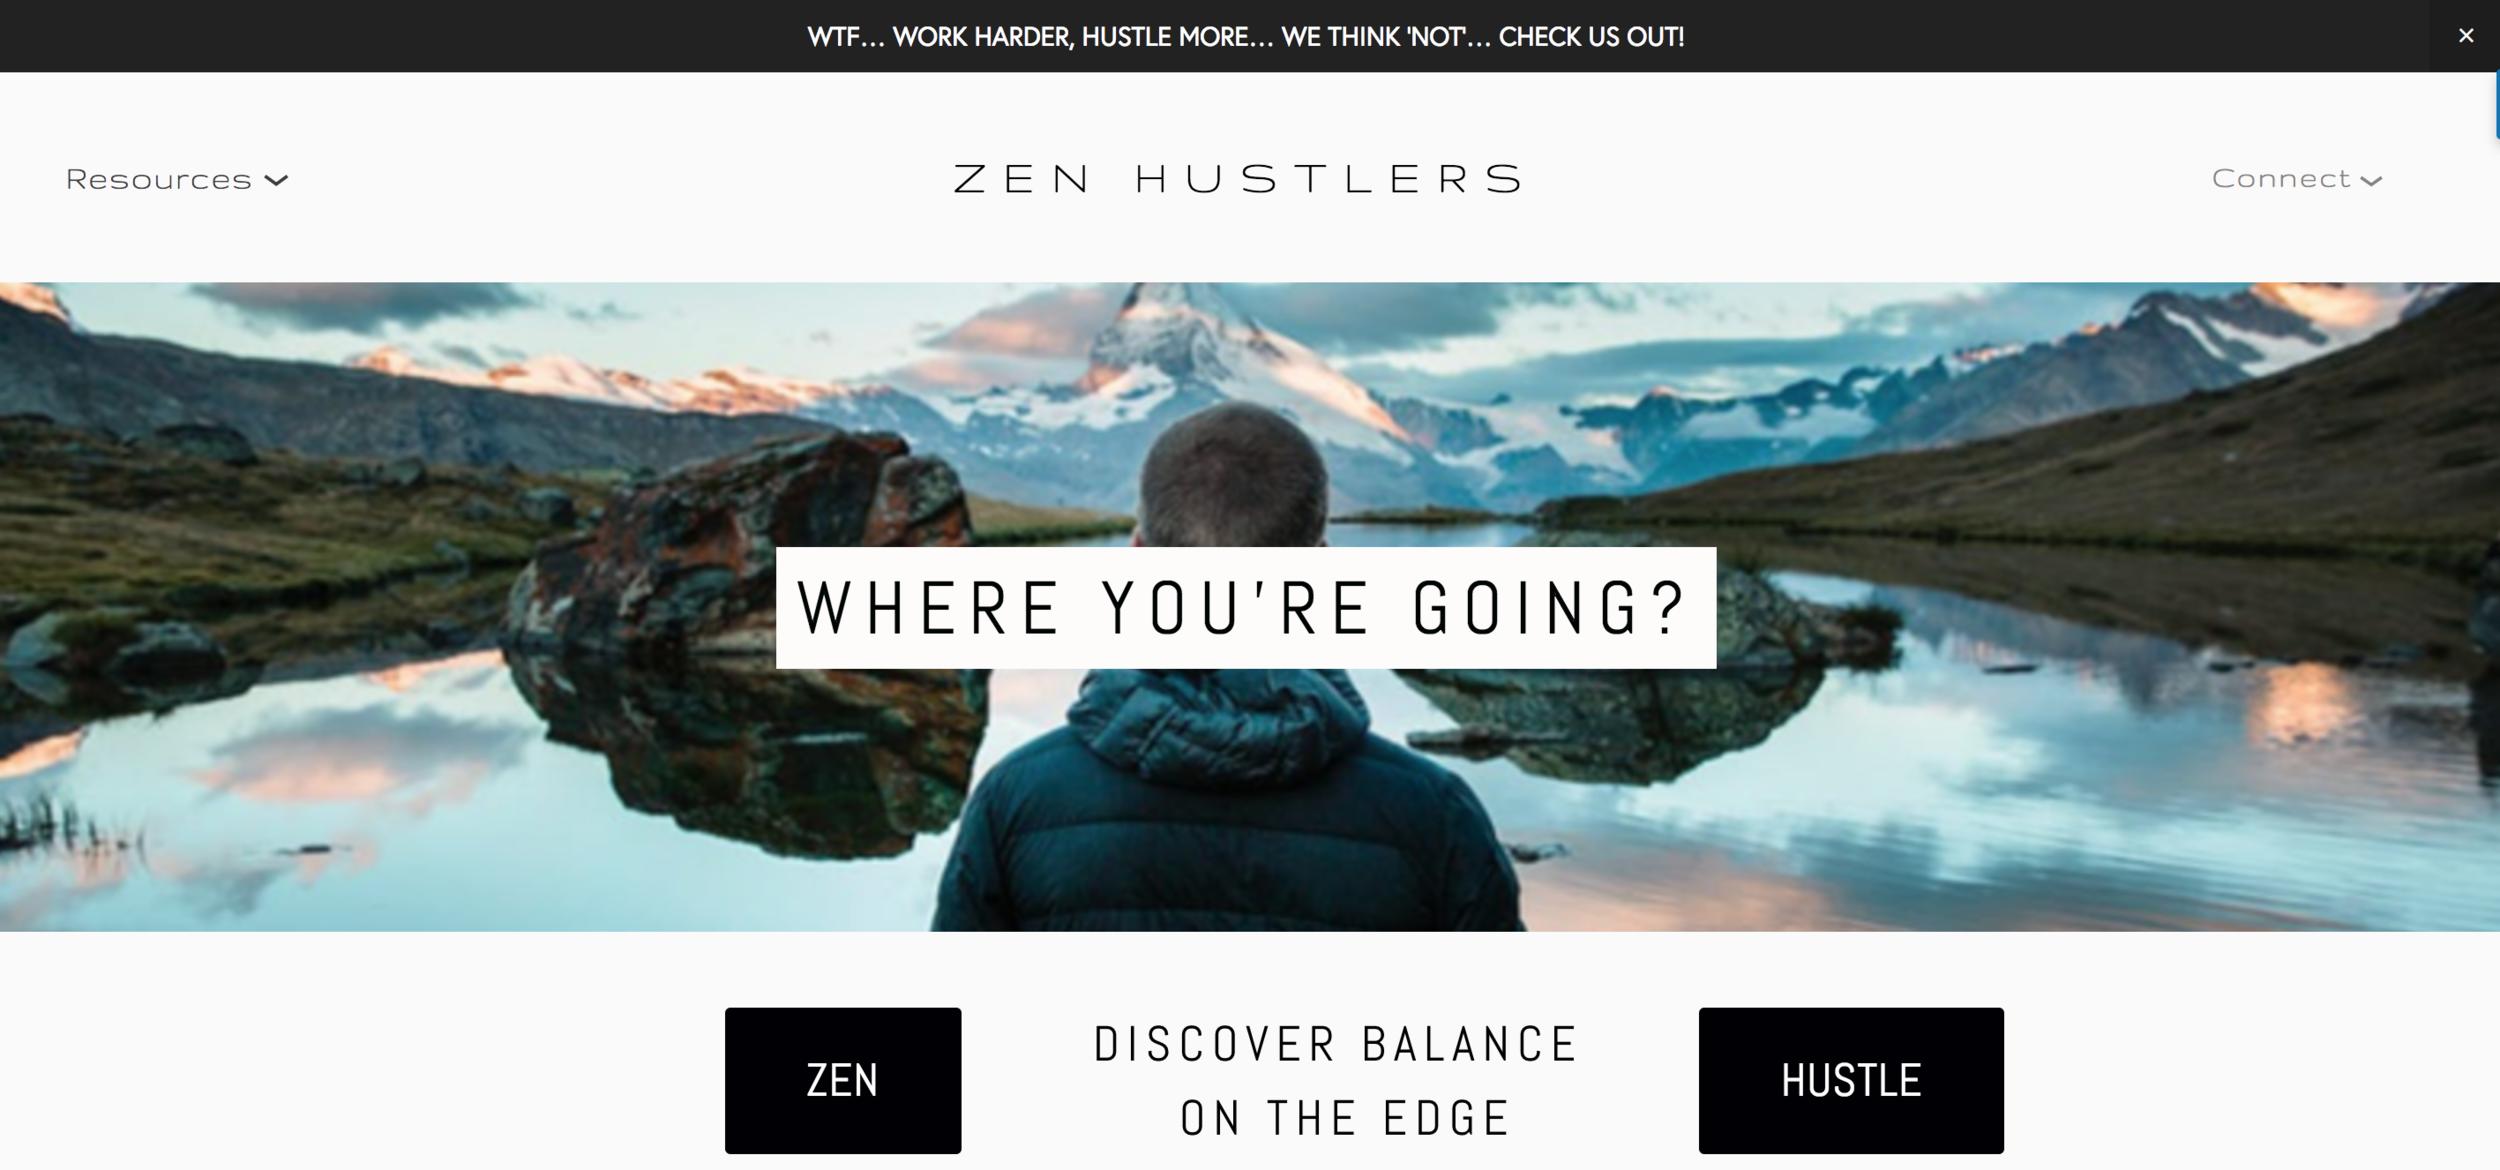 Zen Hustlers